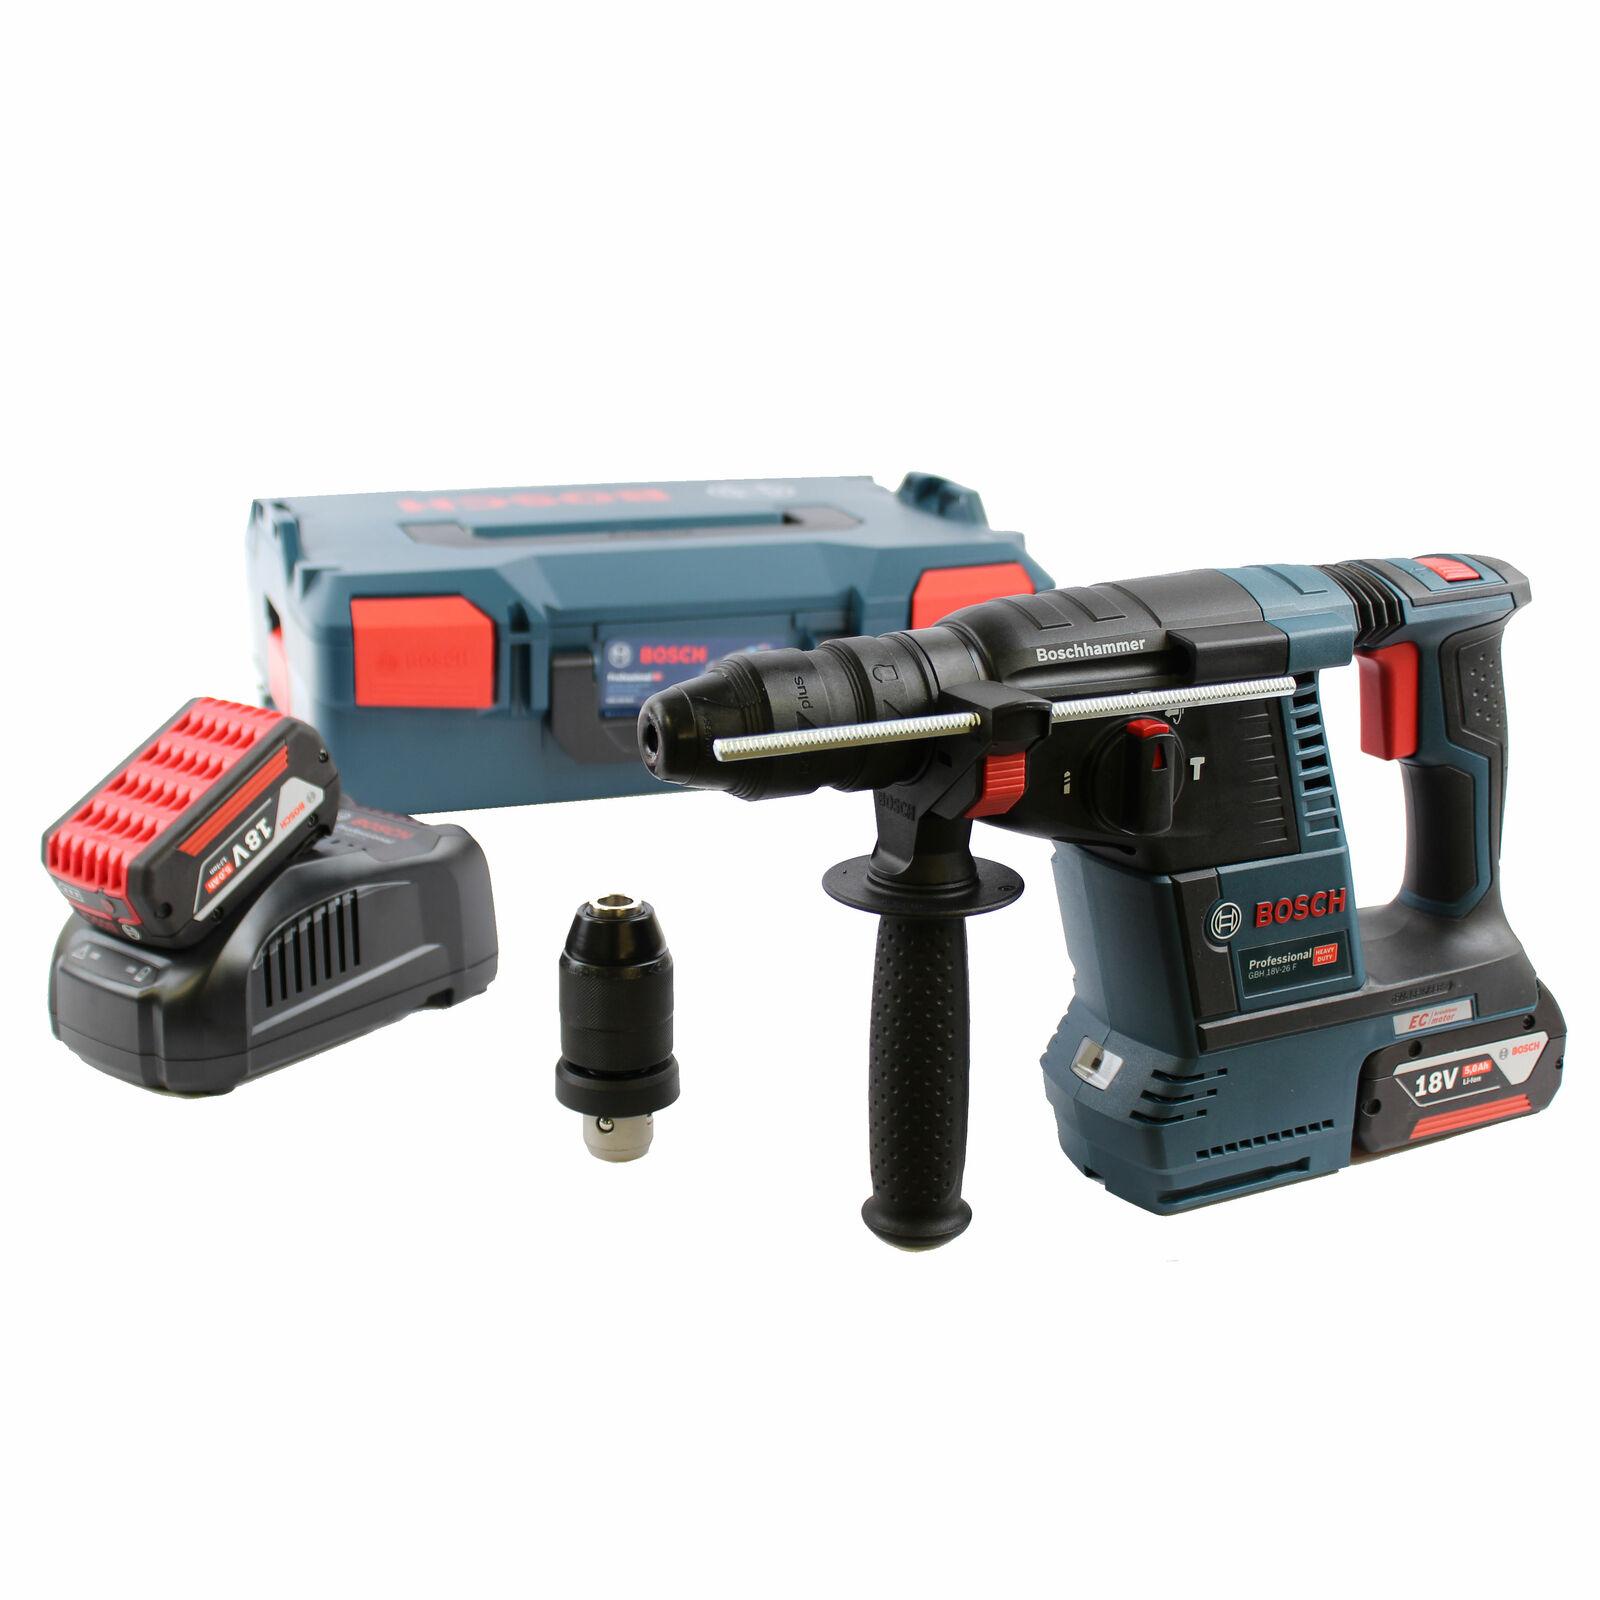 Bosch Akku-Schlagbohrhammer GBH 18V-26 F mit 2x 5,0 Ah Akkus + Lader + L-BOXX